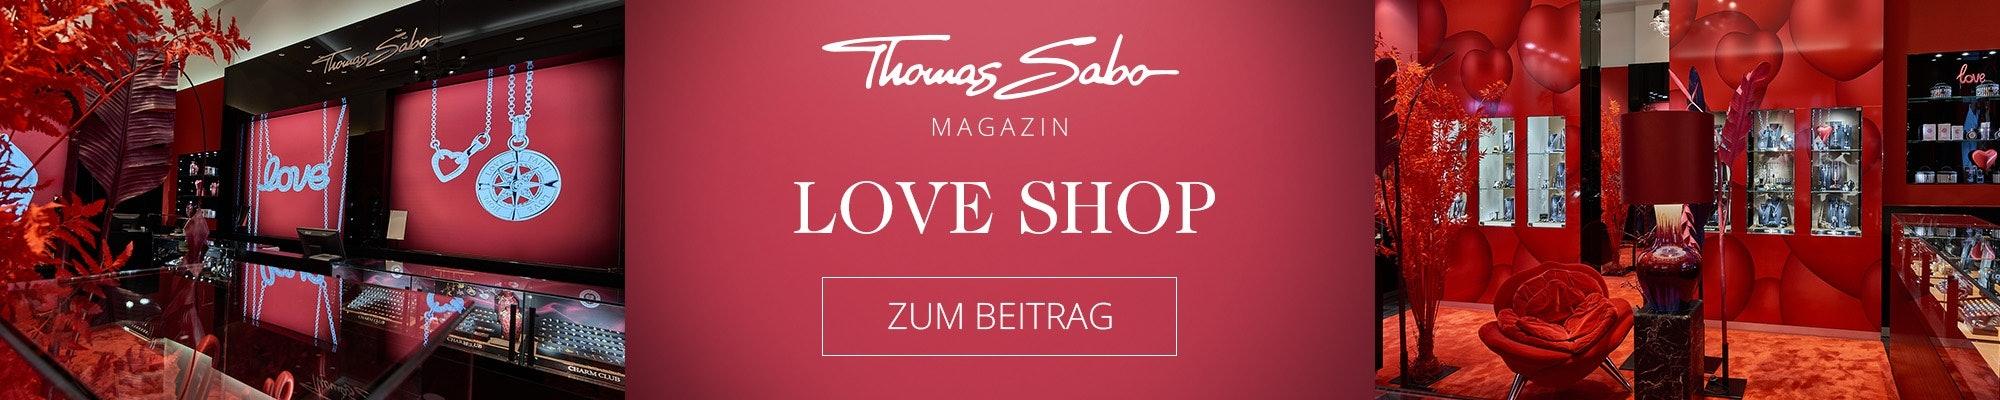 STORE CONCEPT #1 – Love Shop